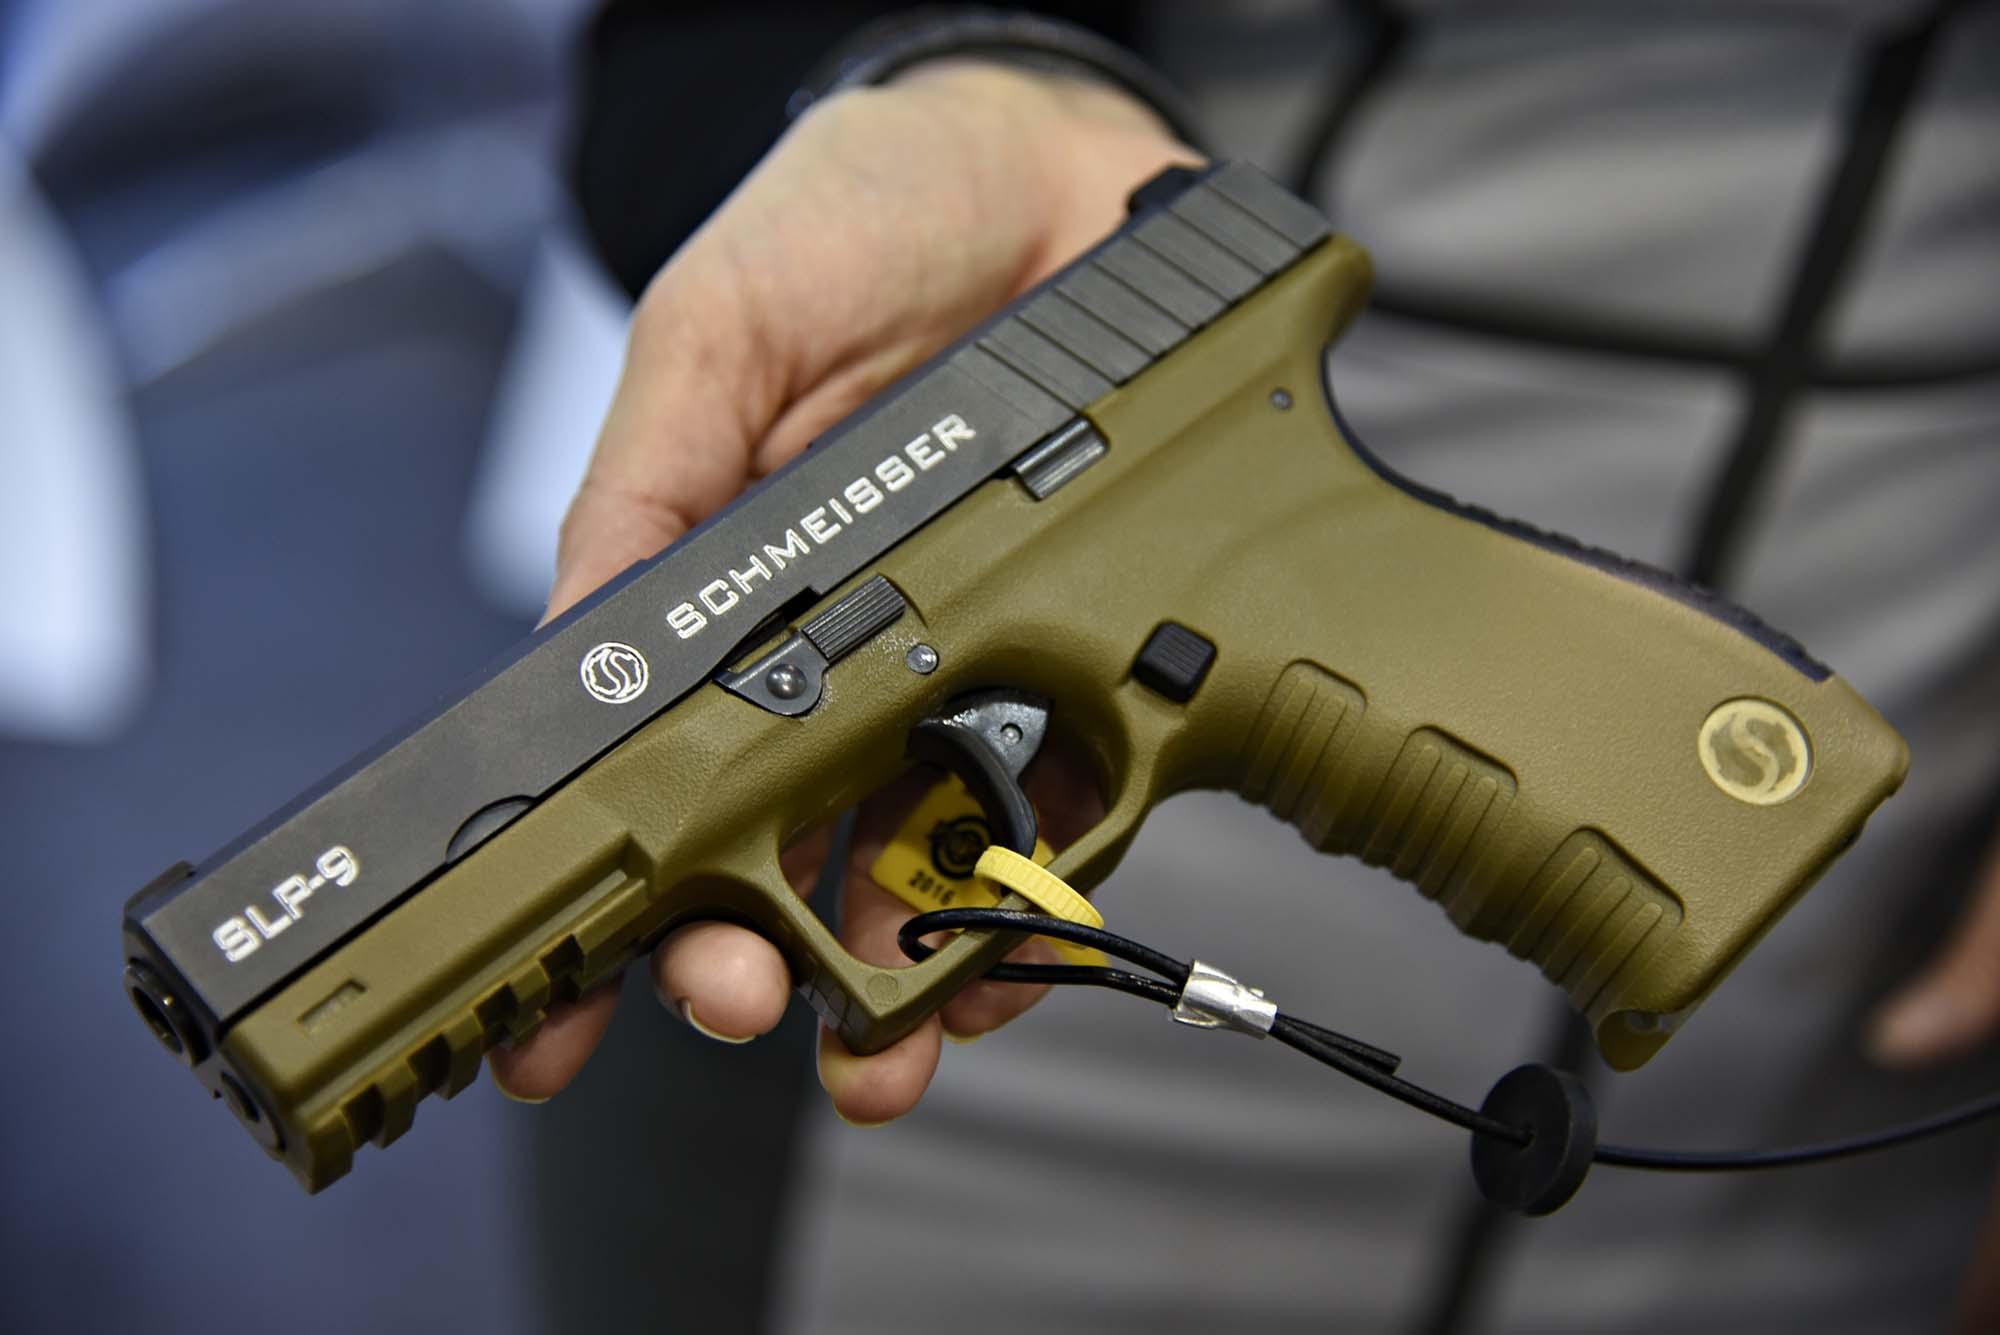 Schmeisser Slp 9 Semiautomatic Pistol Gunsweek Com